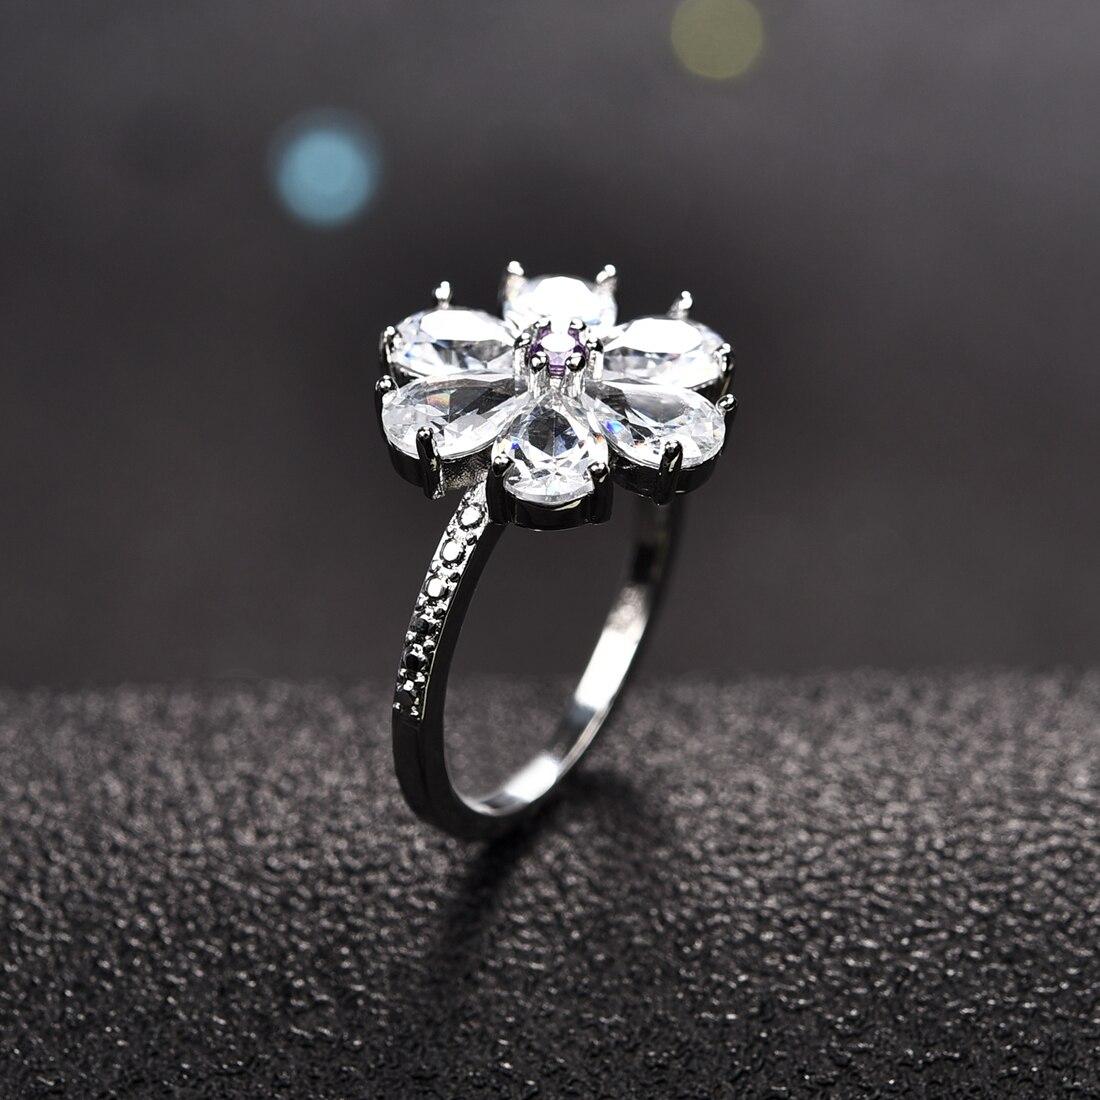 Gran flor Zircon anillos de plata con piedras para las mujeres boda joyería para fiesta de compromiso regalo de Navidad